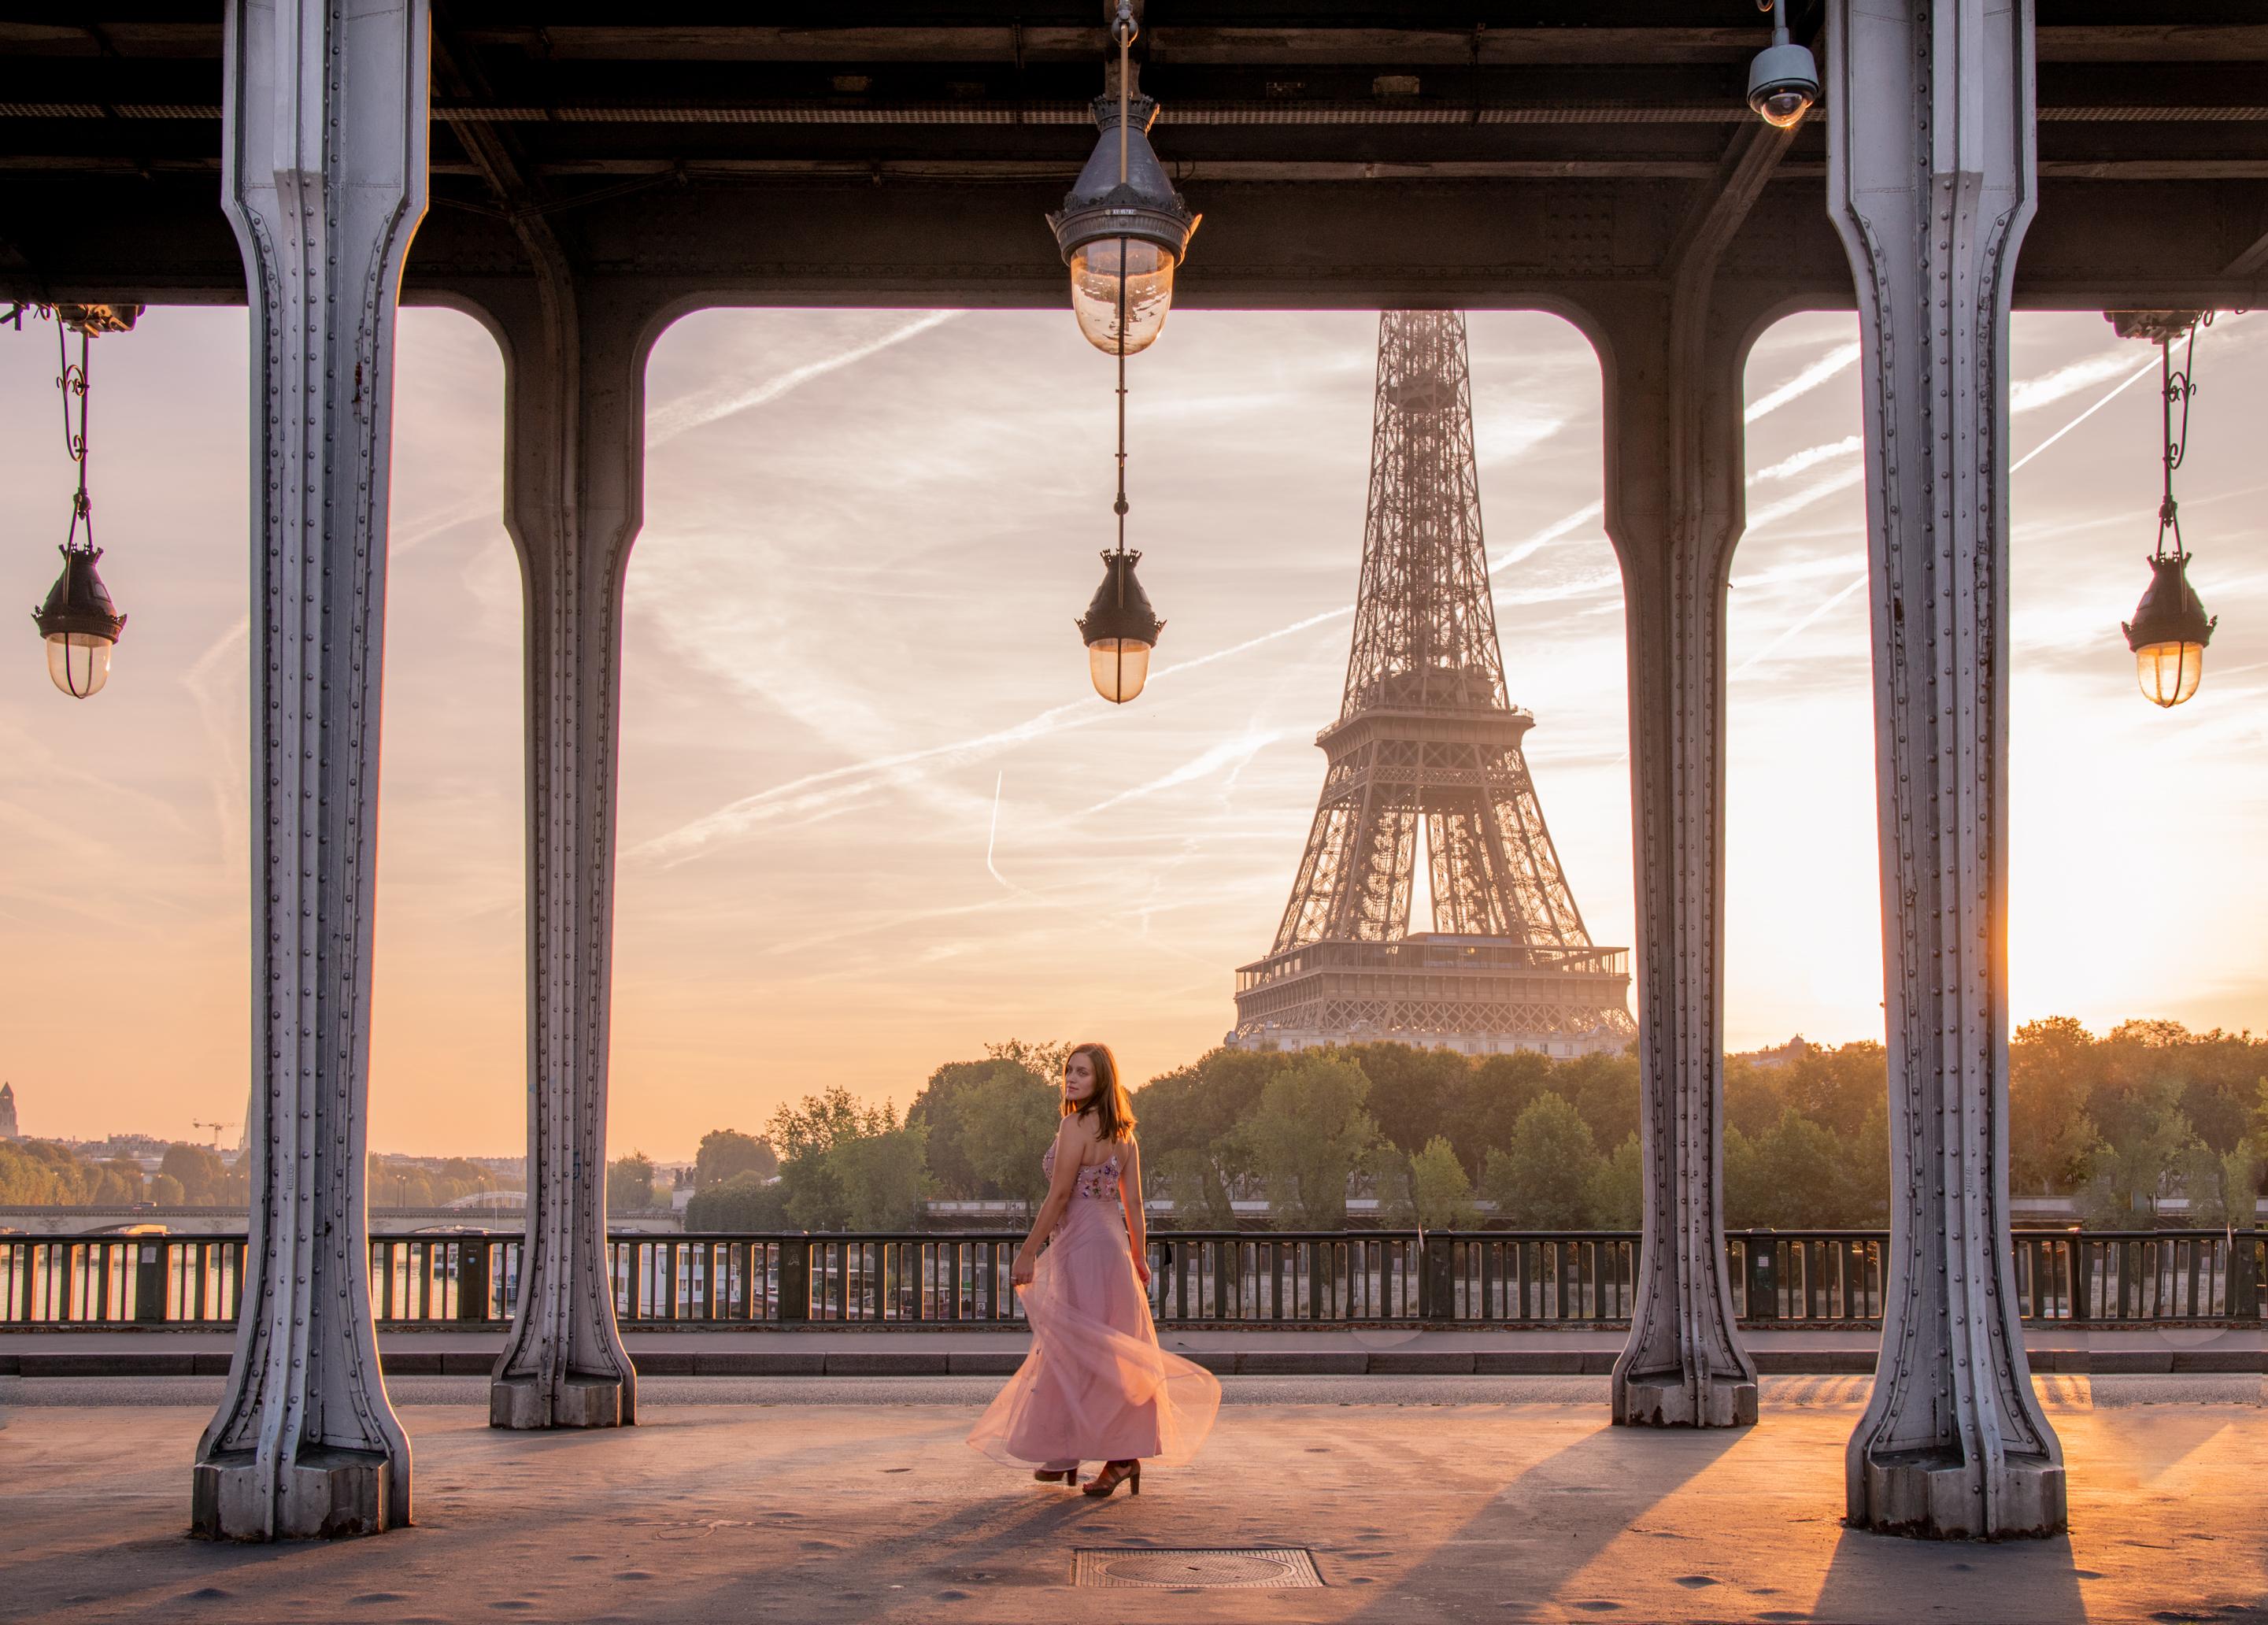 Pont de Bir-Hakeim paris Eiffel Tower